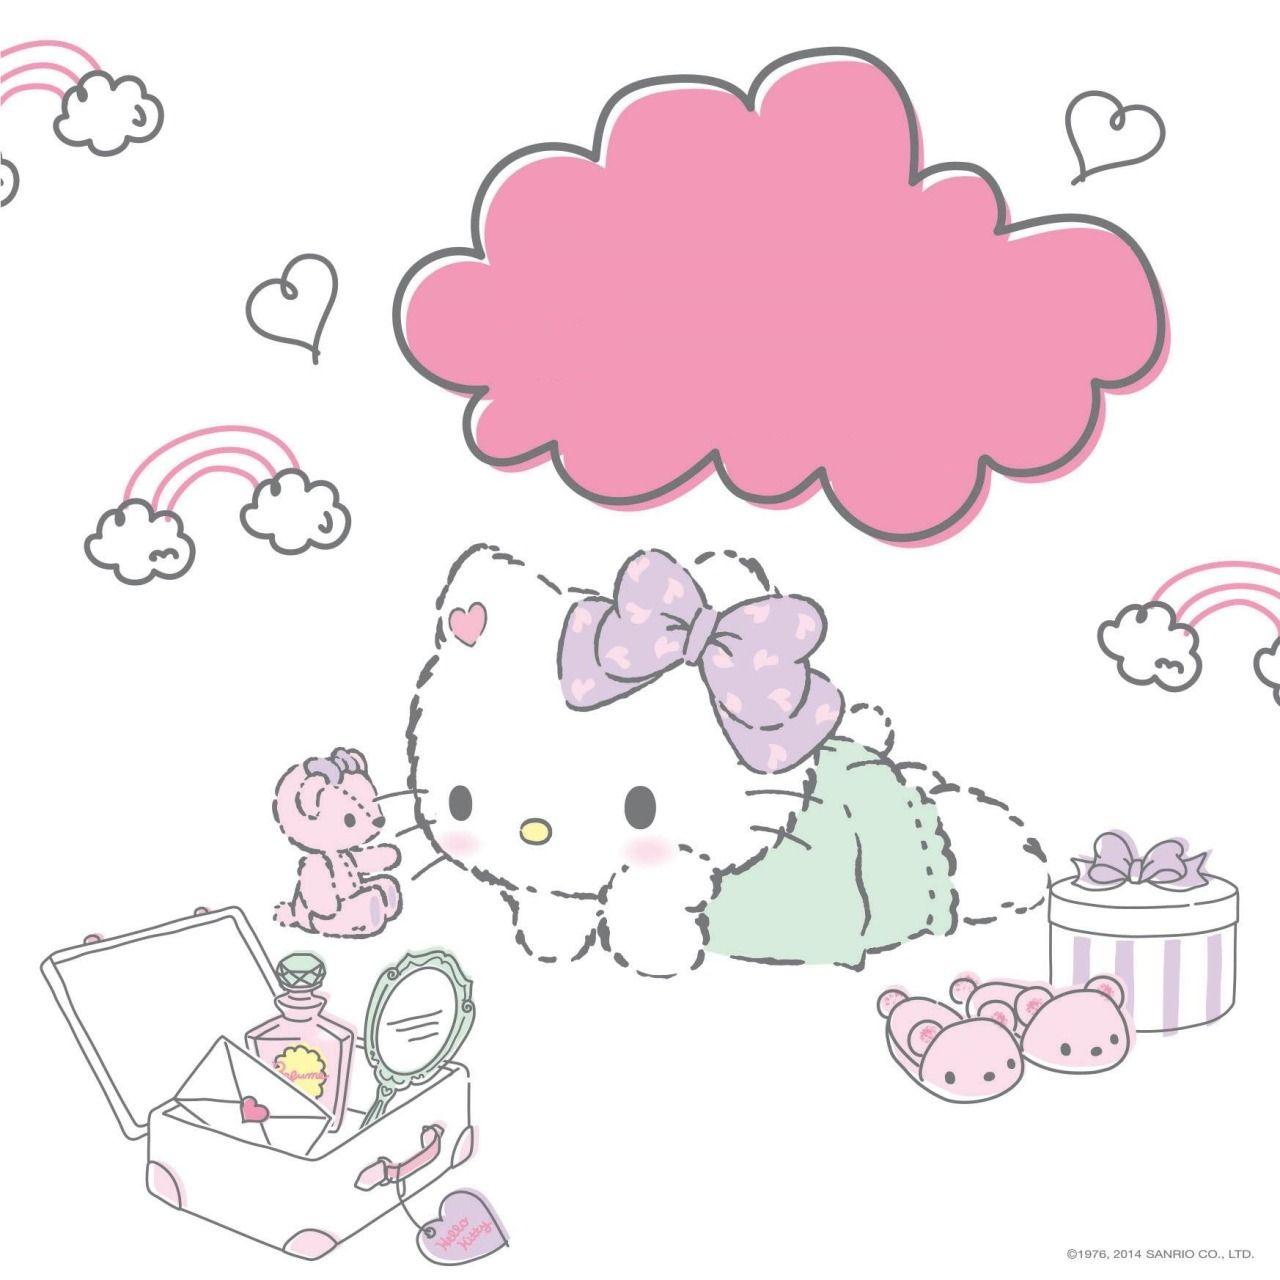 Wonderful Wallpaper Hello Kitty Apple - 3b14b0f08575a329df6f9aedd95496fb  You Should Have_33308.jpg